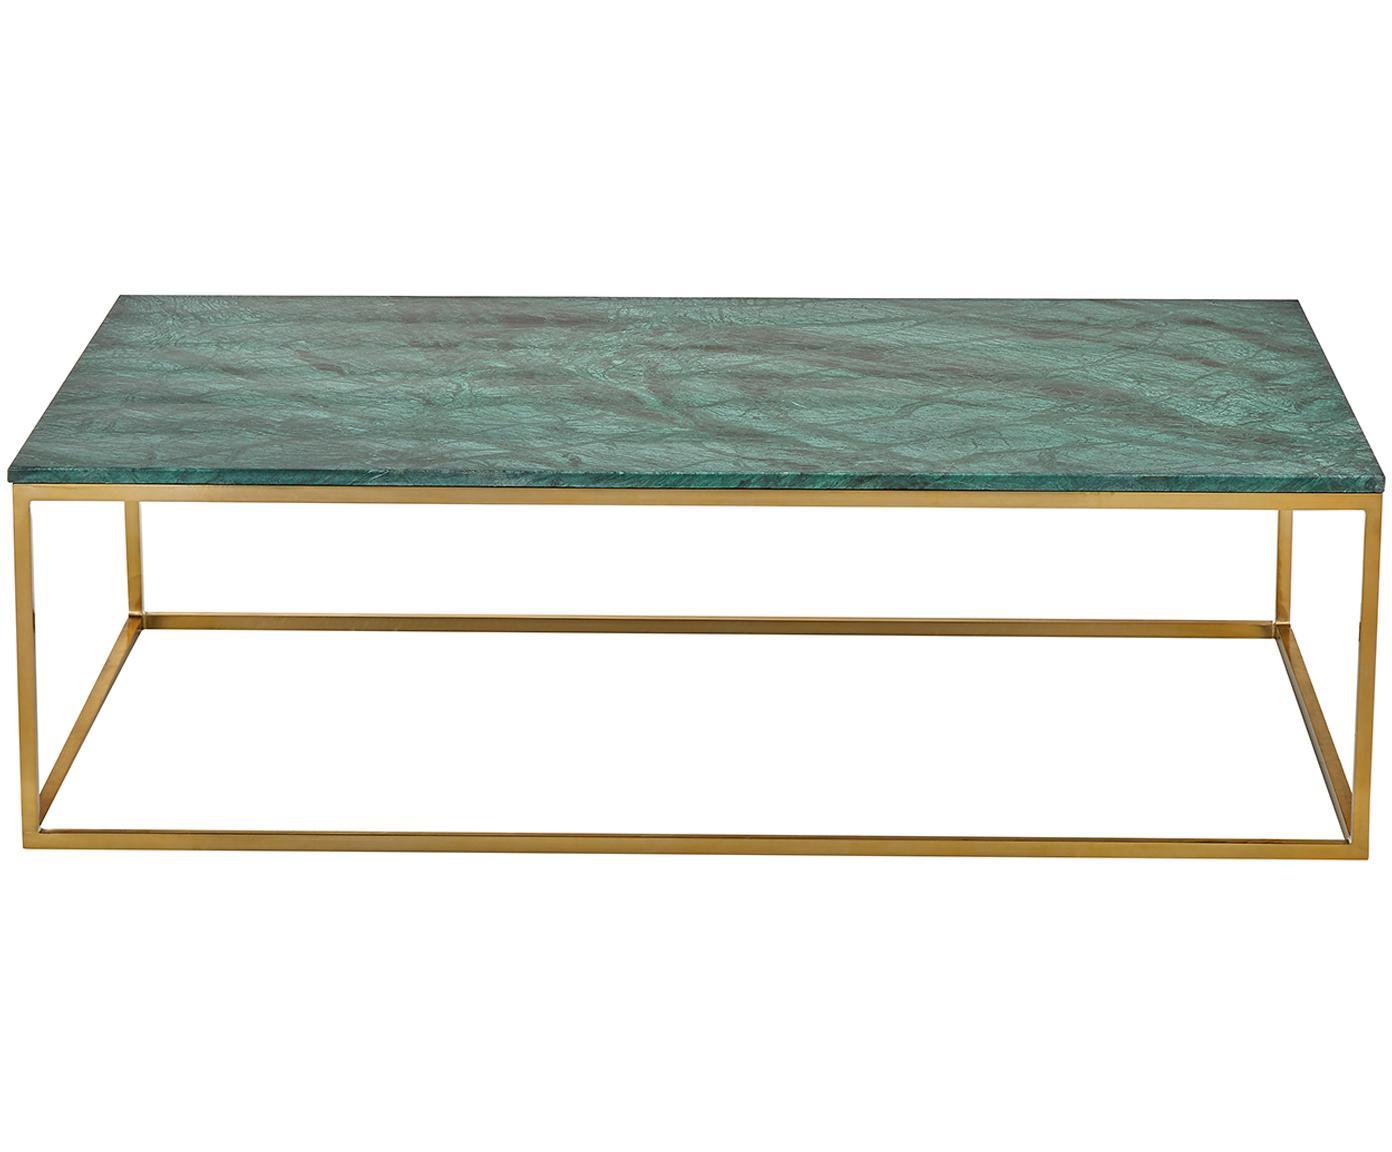 Stolik kawowy z marmuru Alys, Blat: marmur naturalny, Stelaż: metal powlekany, Zielony marmur, odcienie złotego, S 120 x G 75 cm